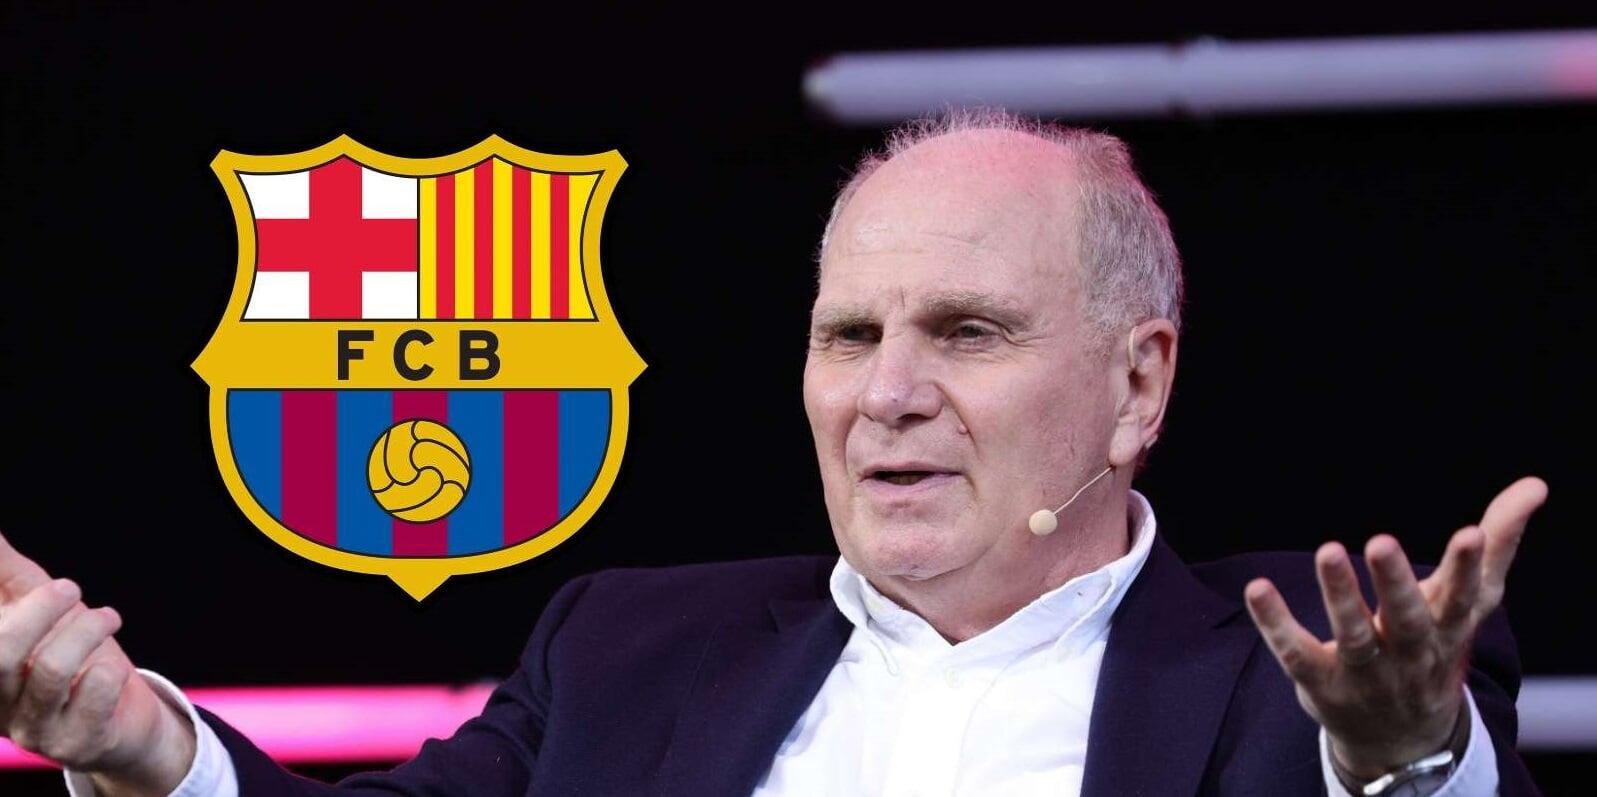 Ули Хенесс: Барселона фактически разорена! В Германии ее бы уже обанкротили